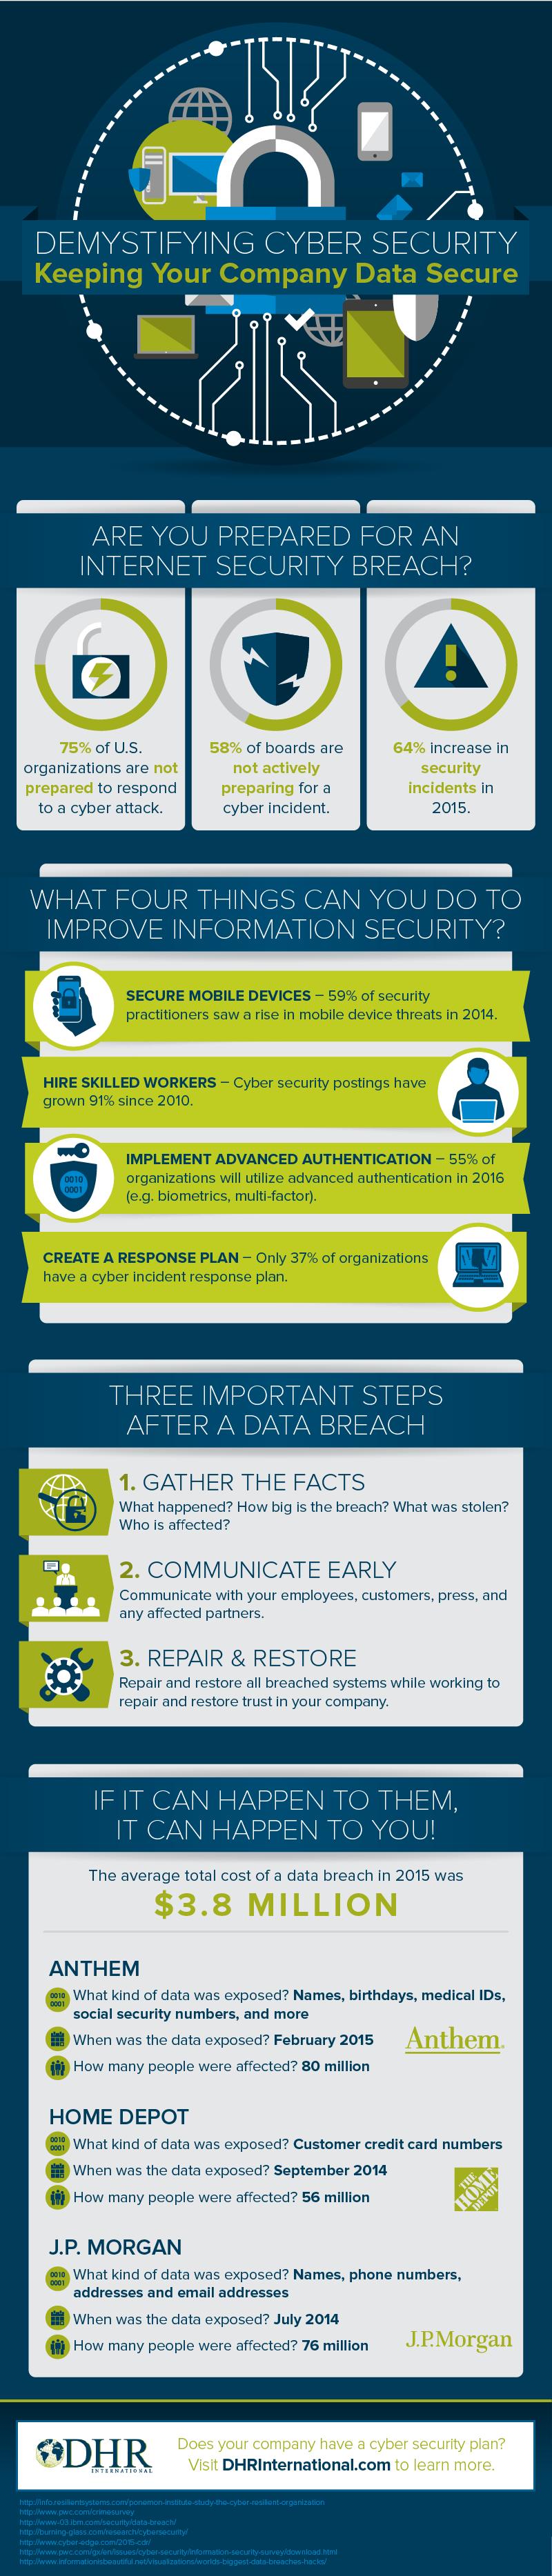 DHR International Demystifying Cyber Security